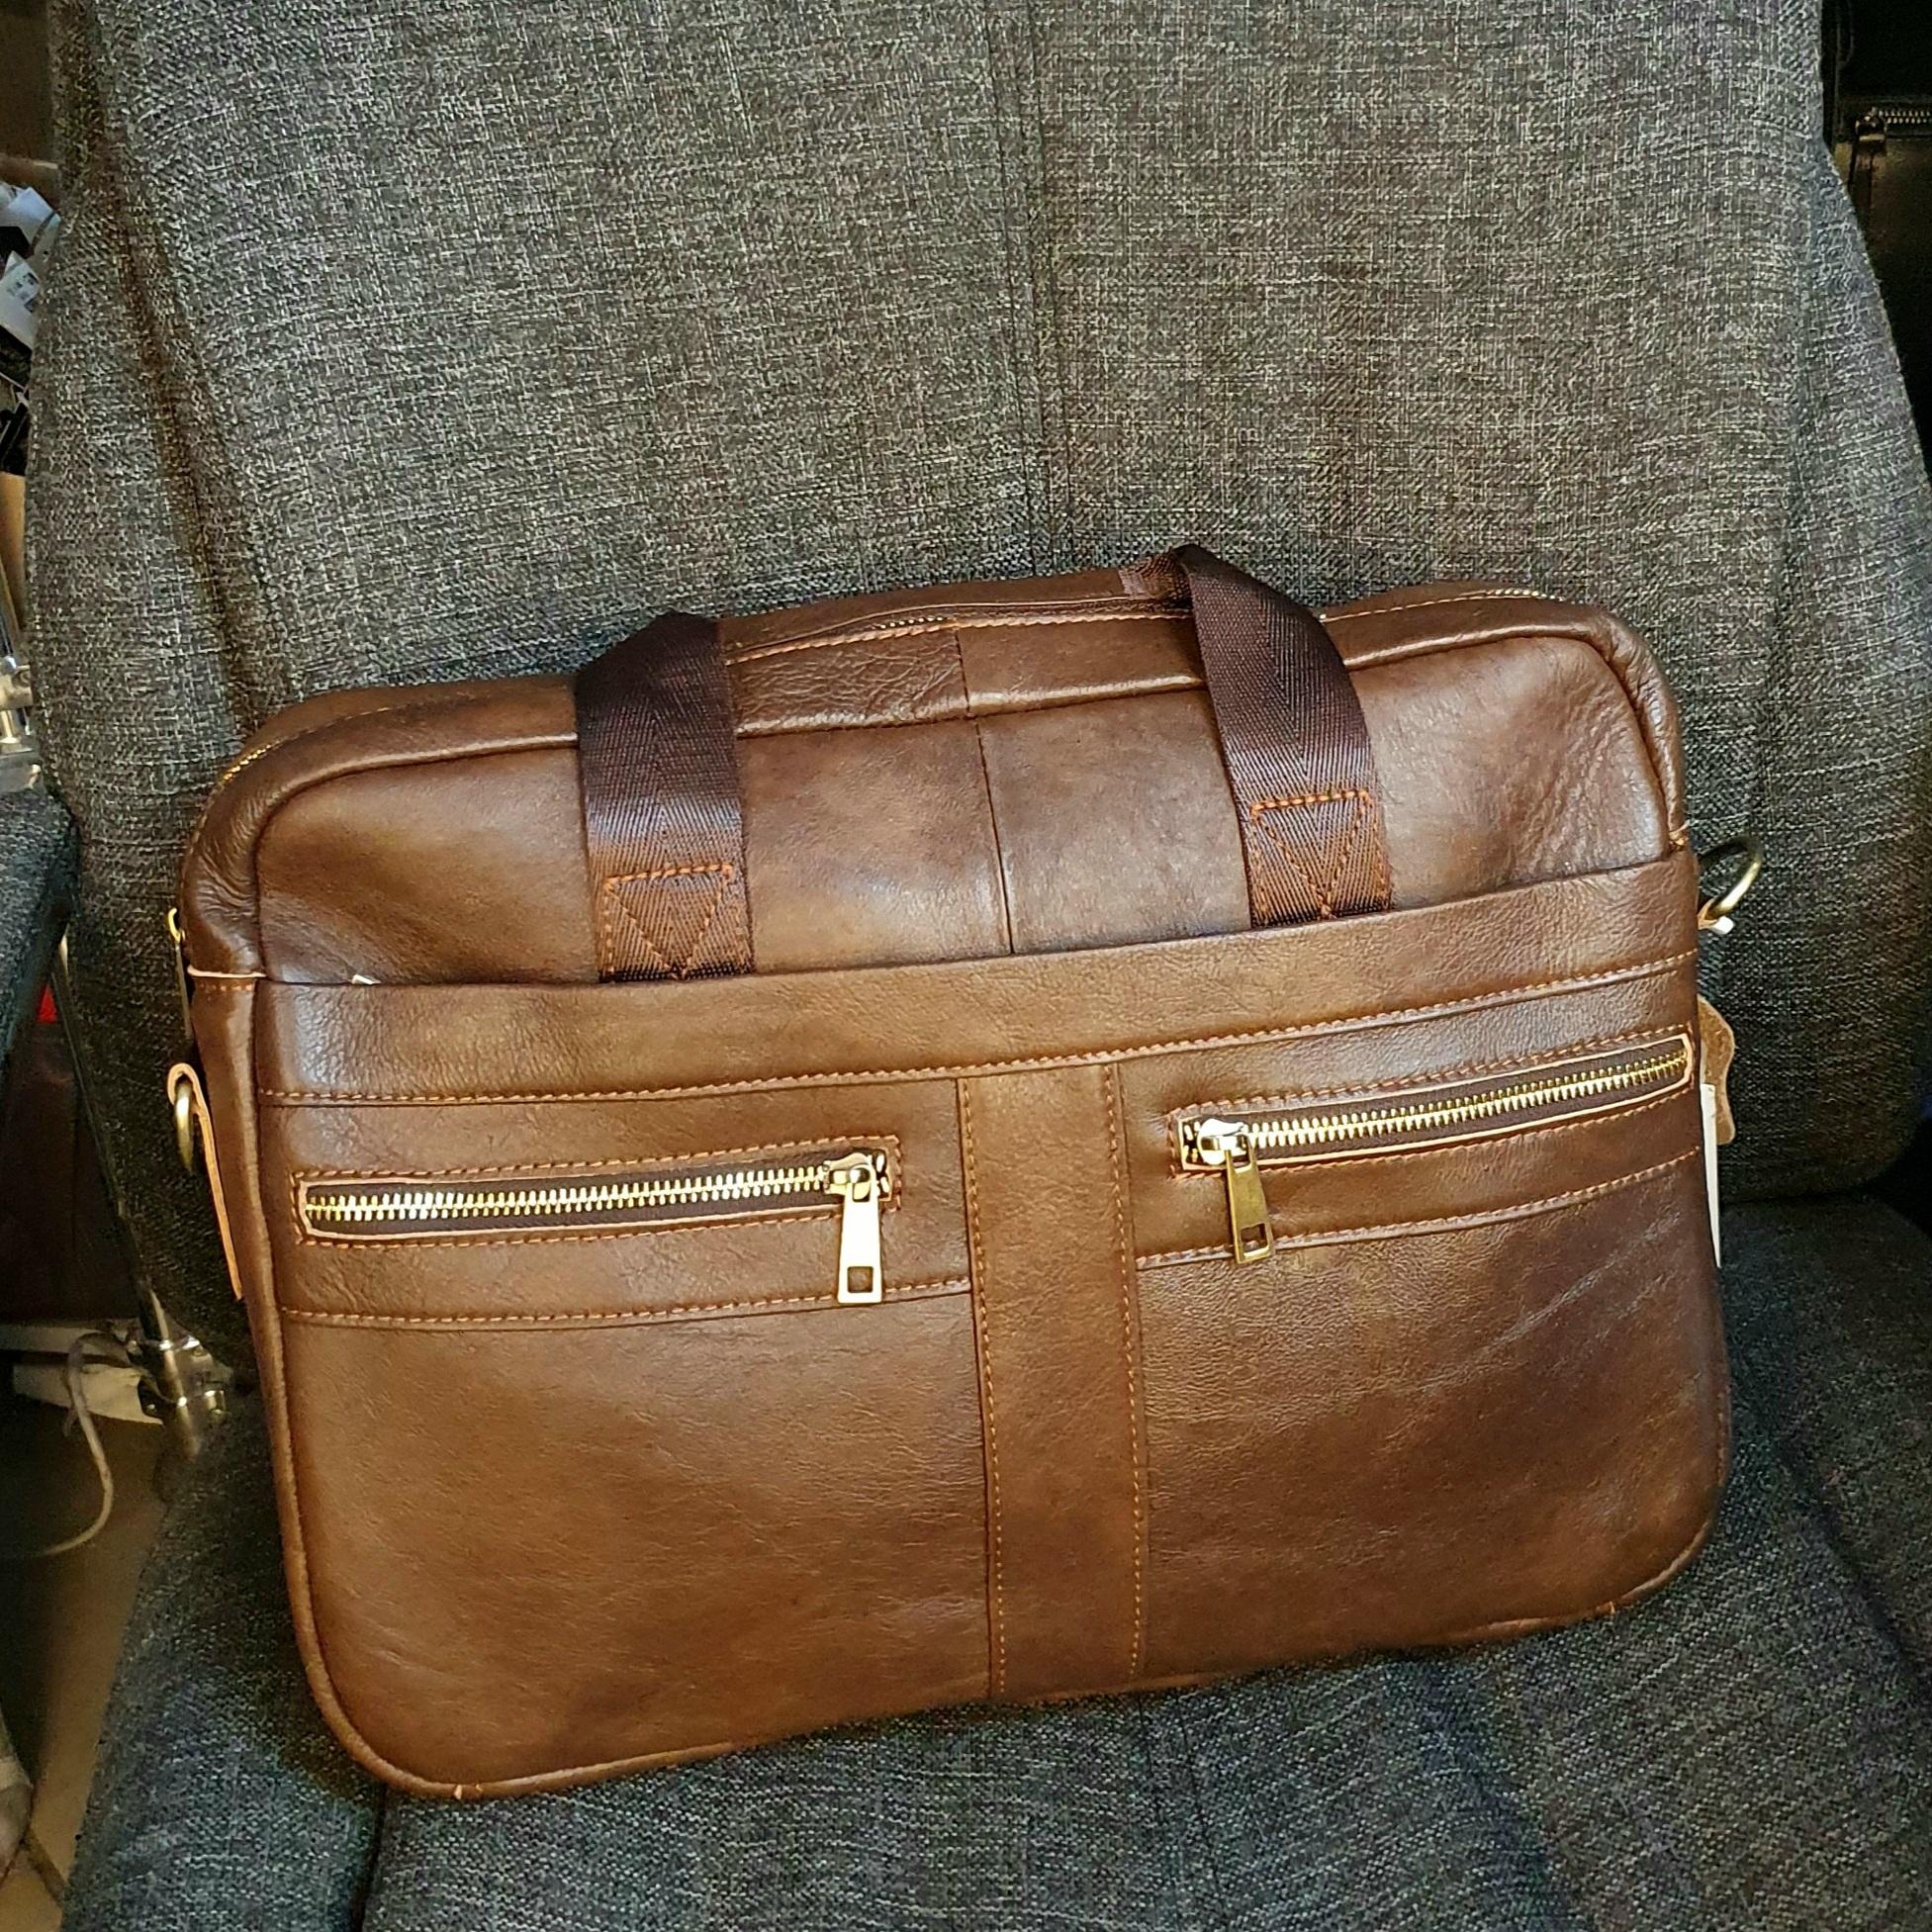 Винтажный мужской портфель «Westal» из мягкой натуральной кожи рыжего цвета купить. Цена 1990 грн